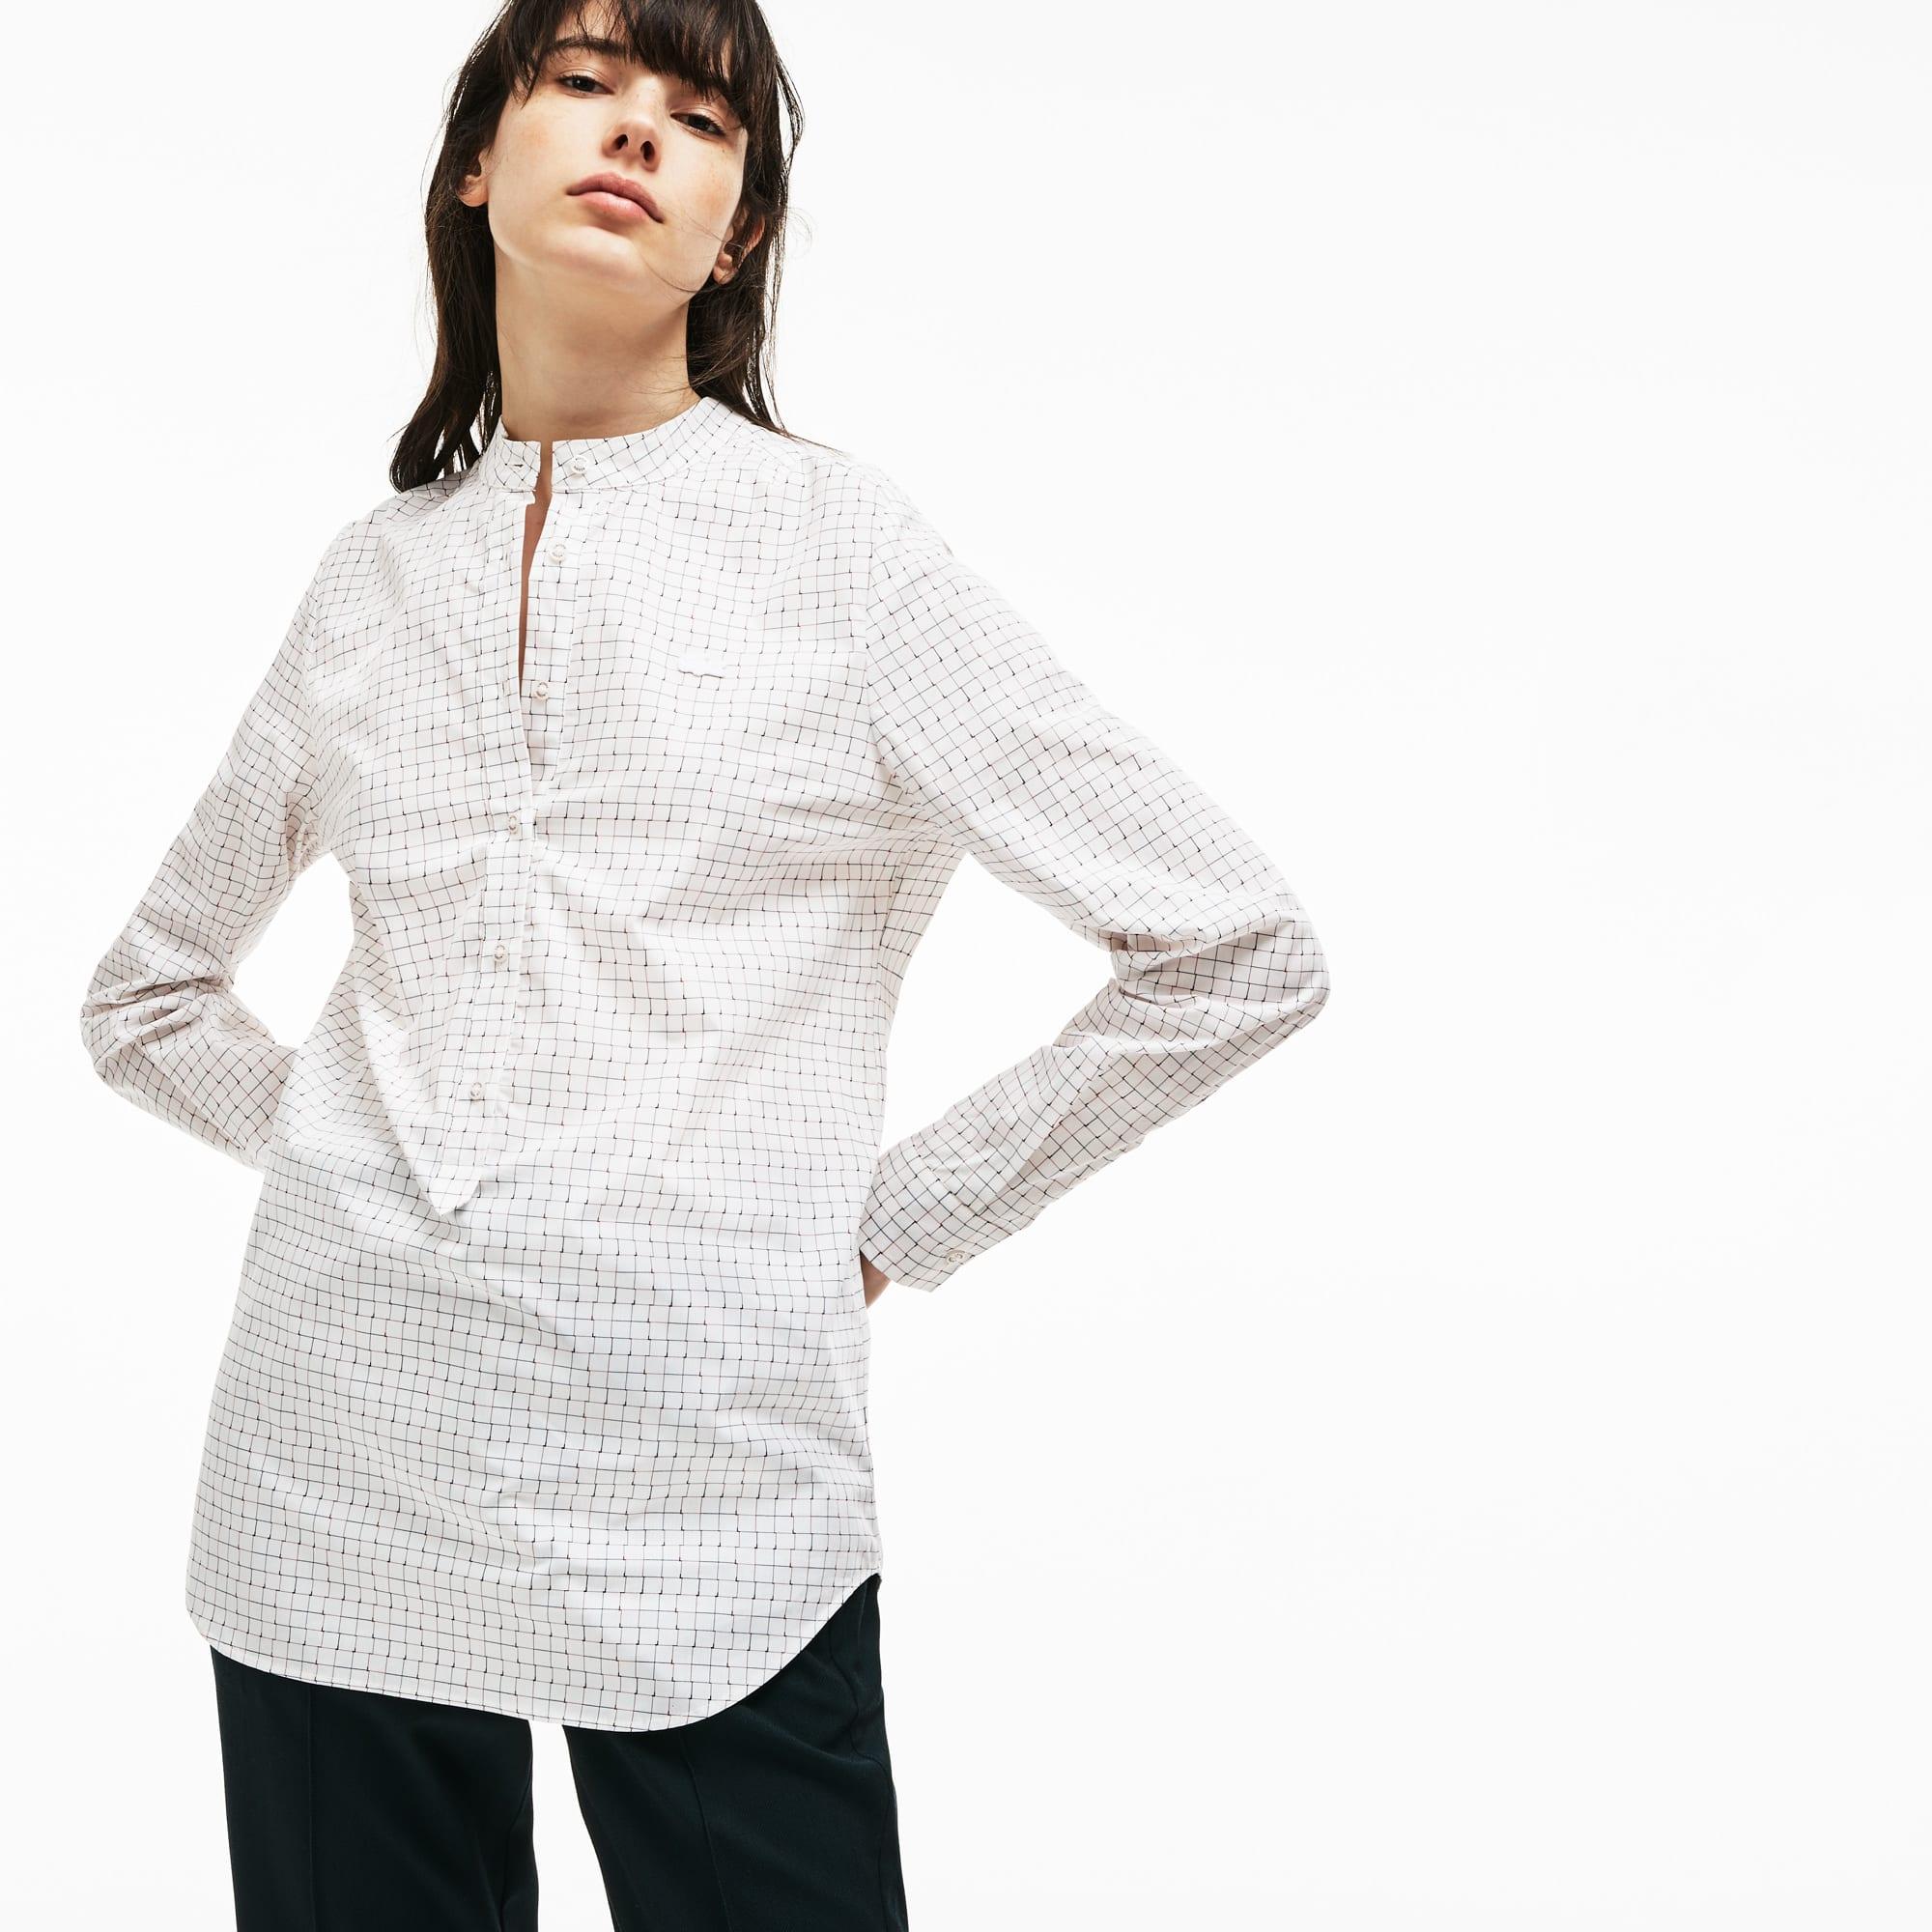 Regular Fit Damen-Bluse aus Baumwoll-Popeline mit Print